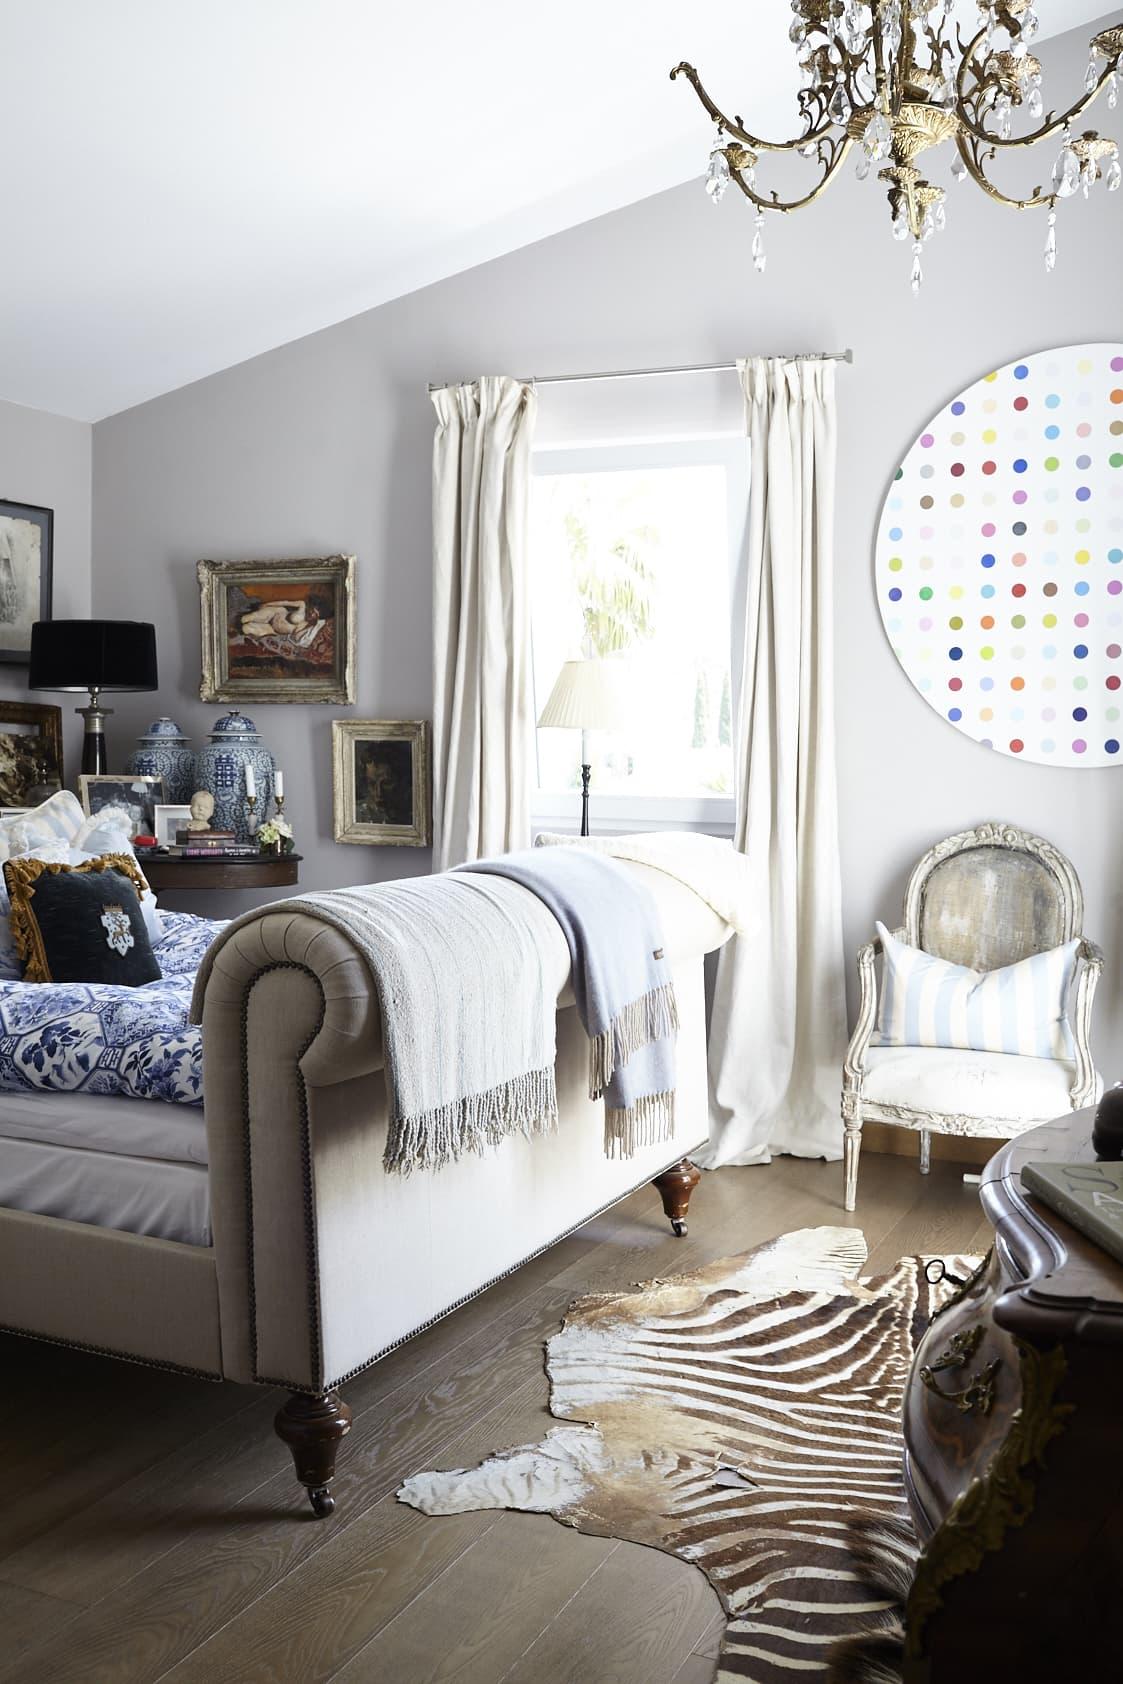 Annas sovrum ligger en trappa upp mot trädgården och har utgång till en egen liten terrass. En färgpalett av beige, ljusgrått, ljusblått och blått ger harmoni. Sängen är från Ralph Lauren och takkronan är ett loppisfynd.